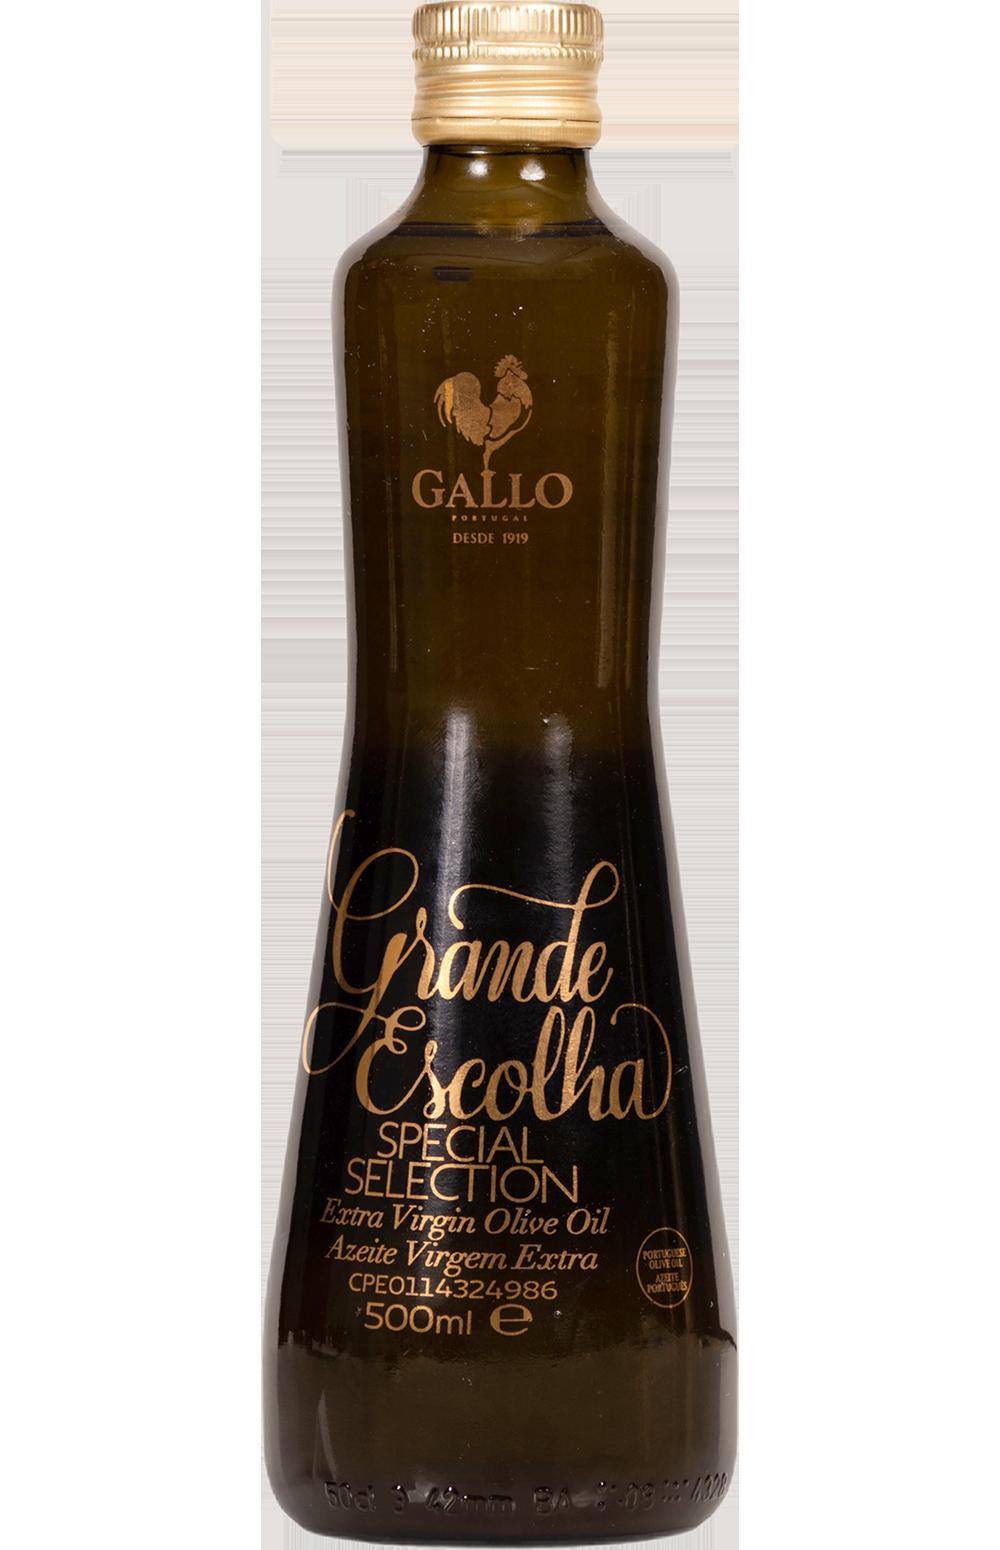 Gallo Azeite Grade Escolha